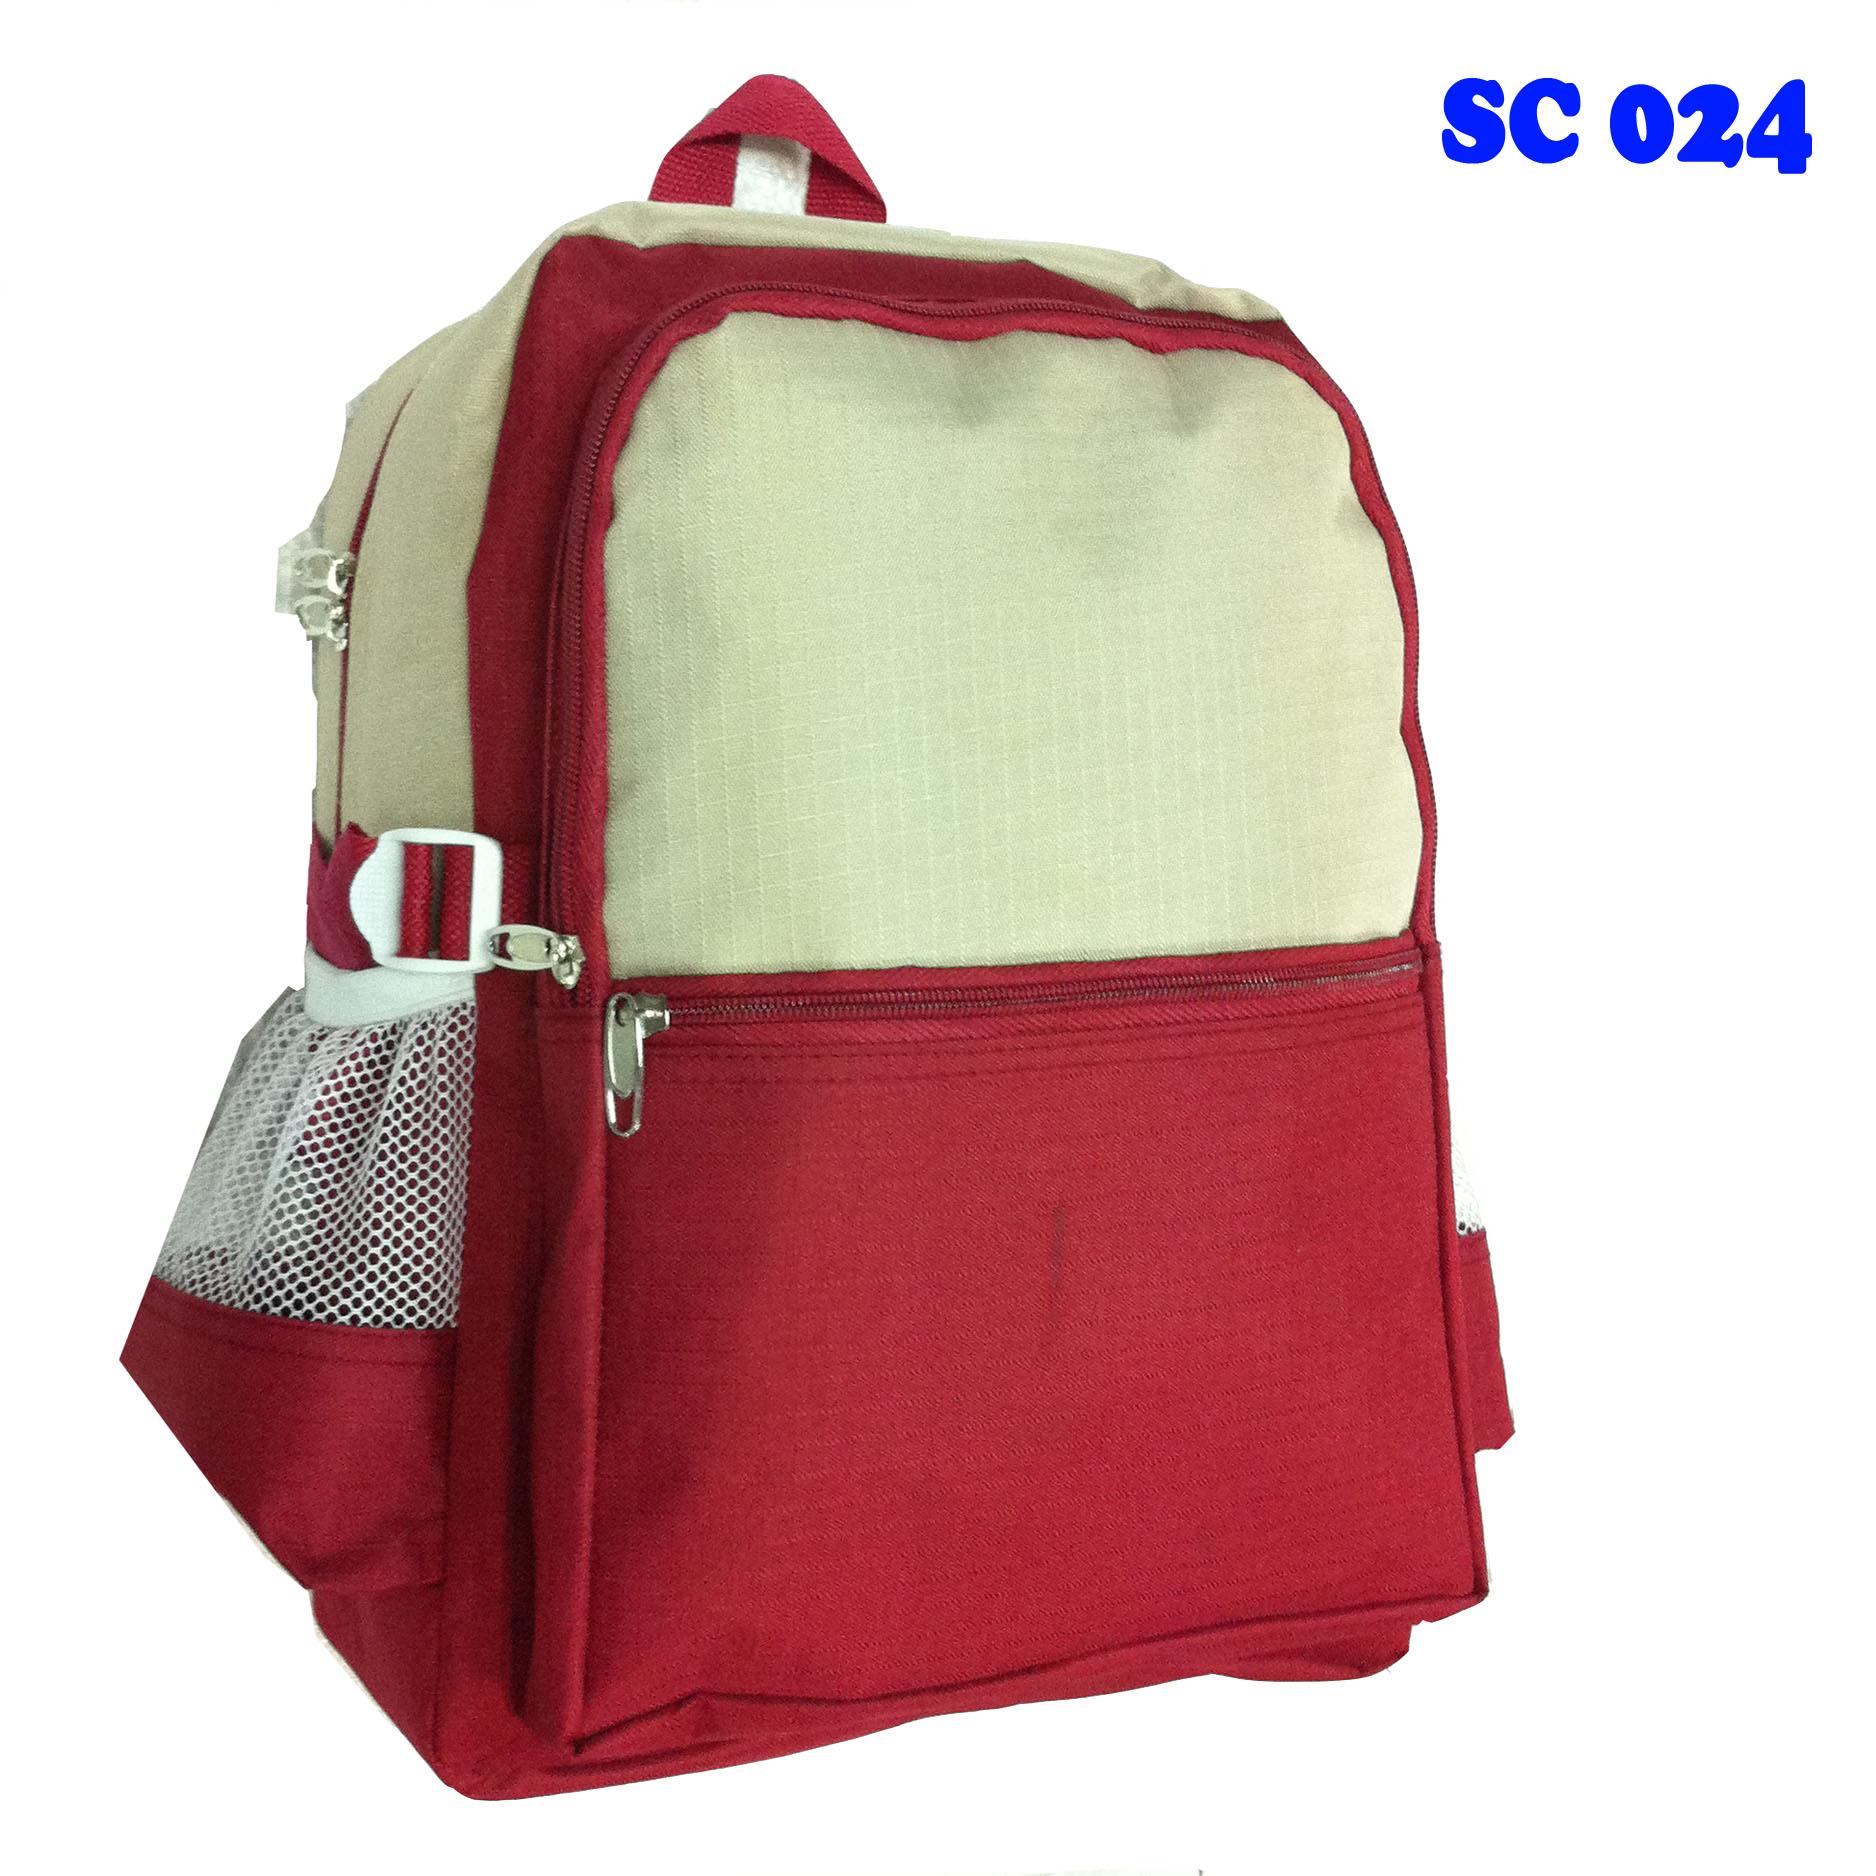 กระเป๋านักเรียน เป้นักเรียน SC 024